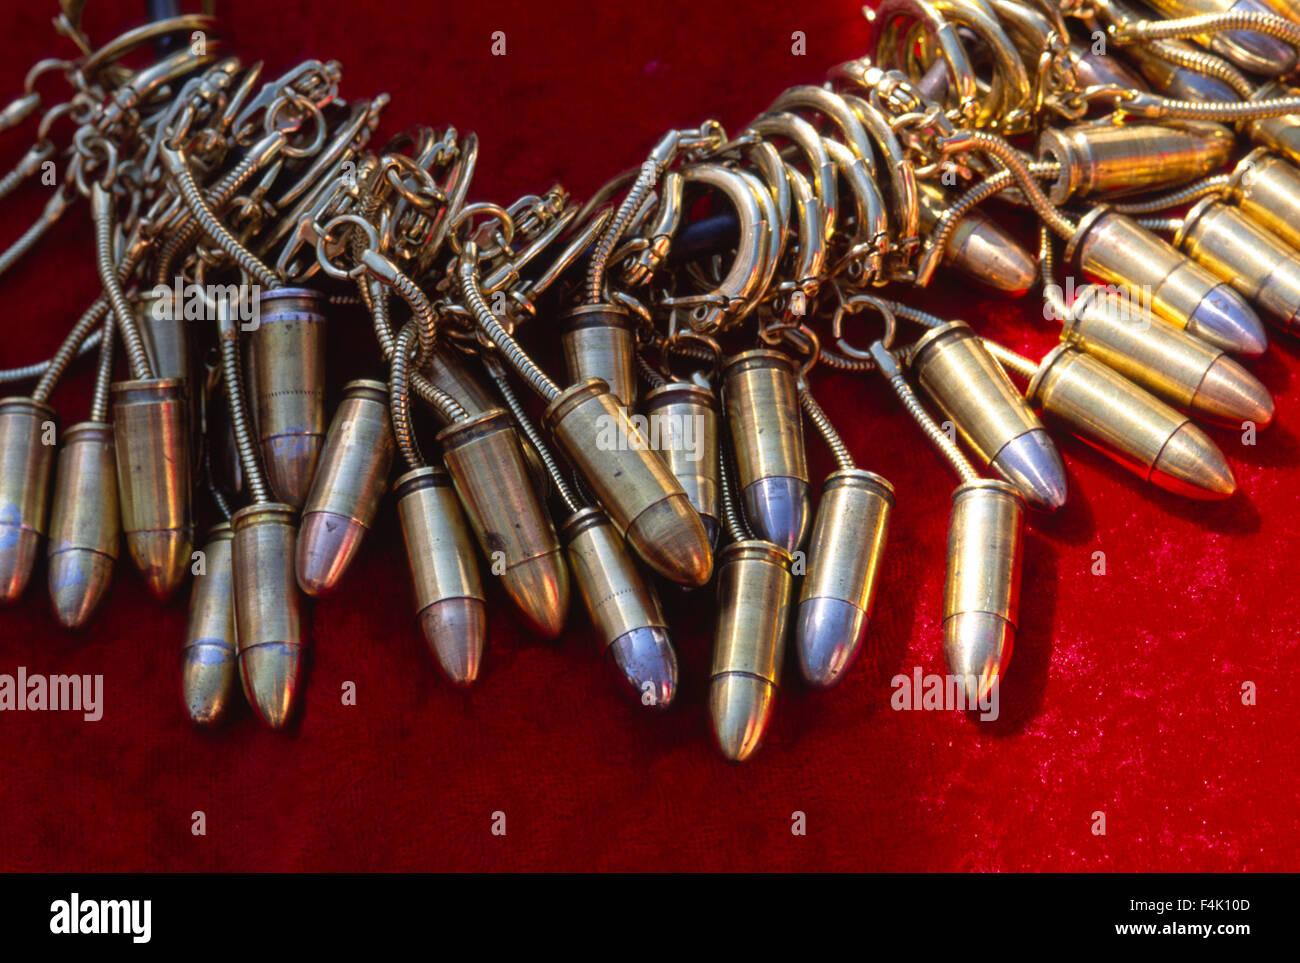 Bullets Souvenirs - Stock Image